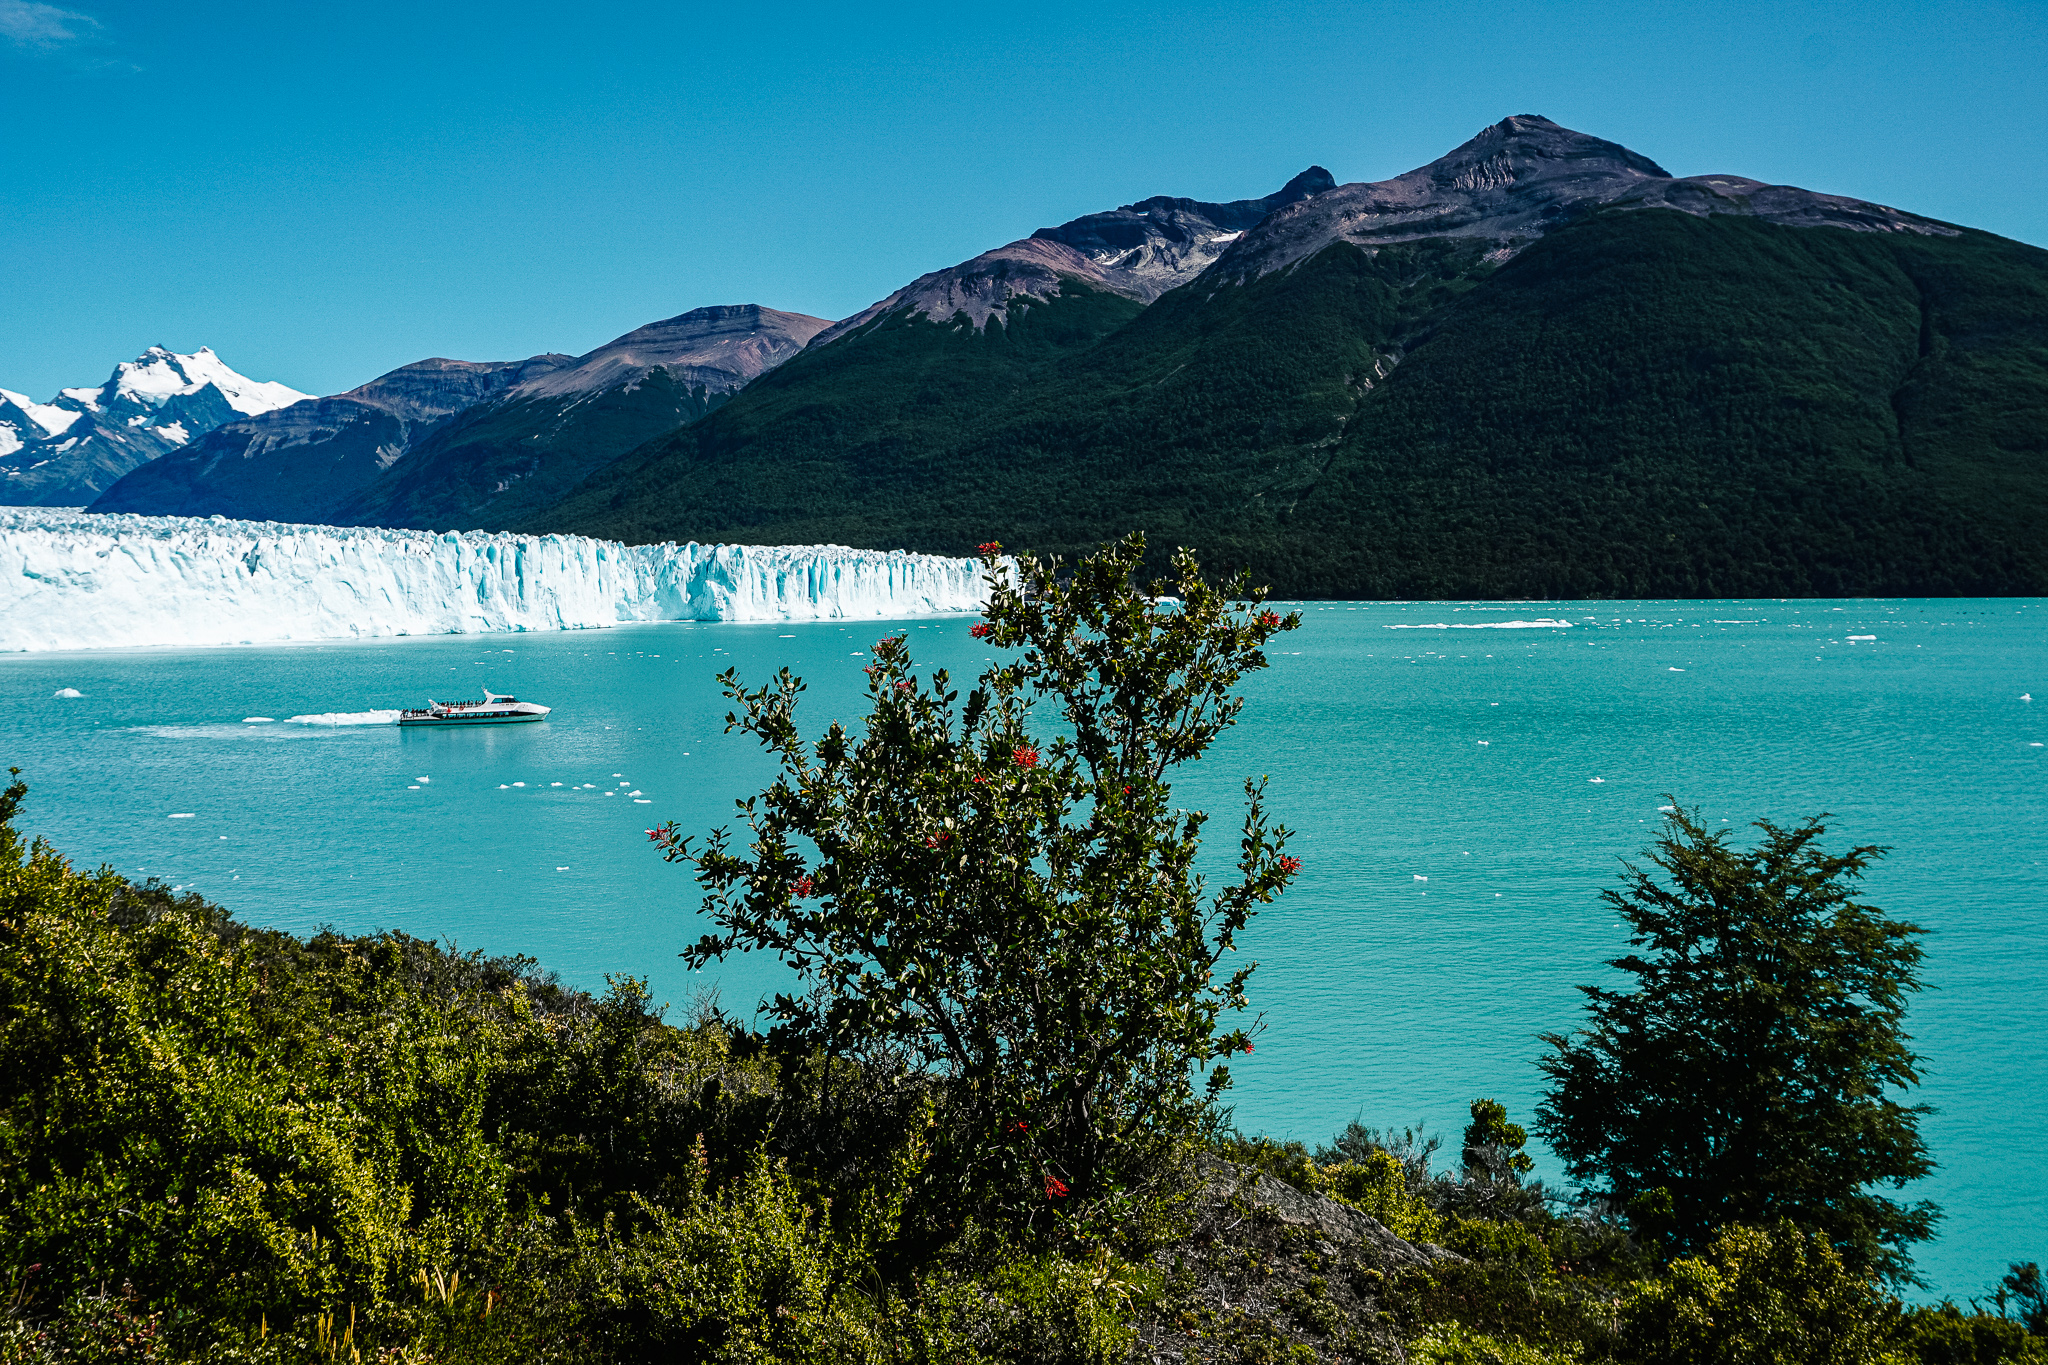 Argentinie natuur Perito moreno gletsjer